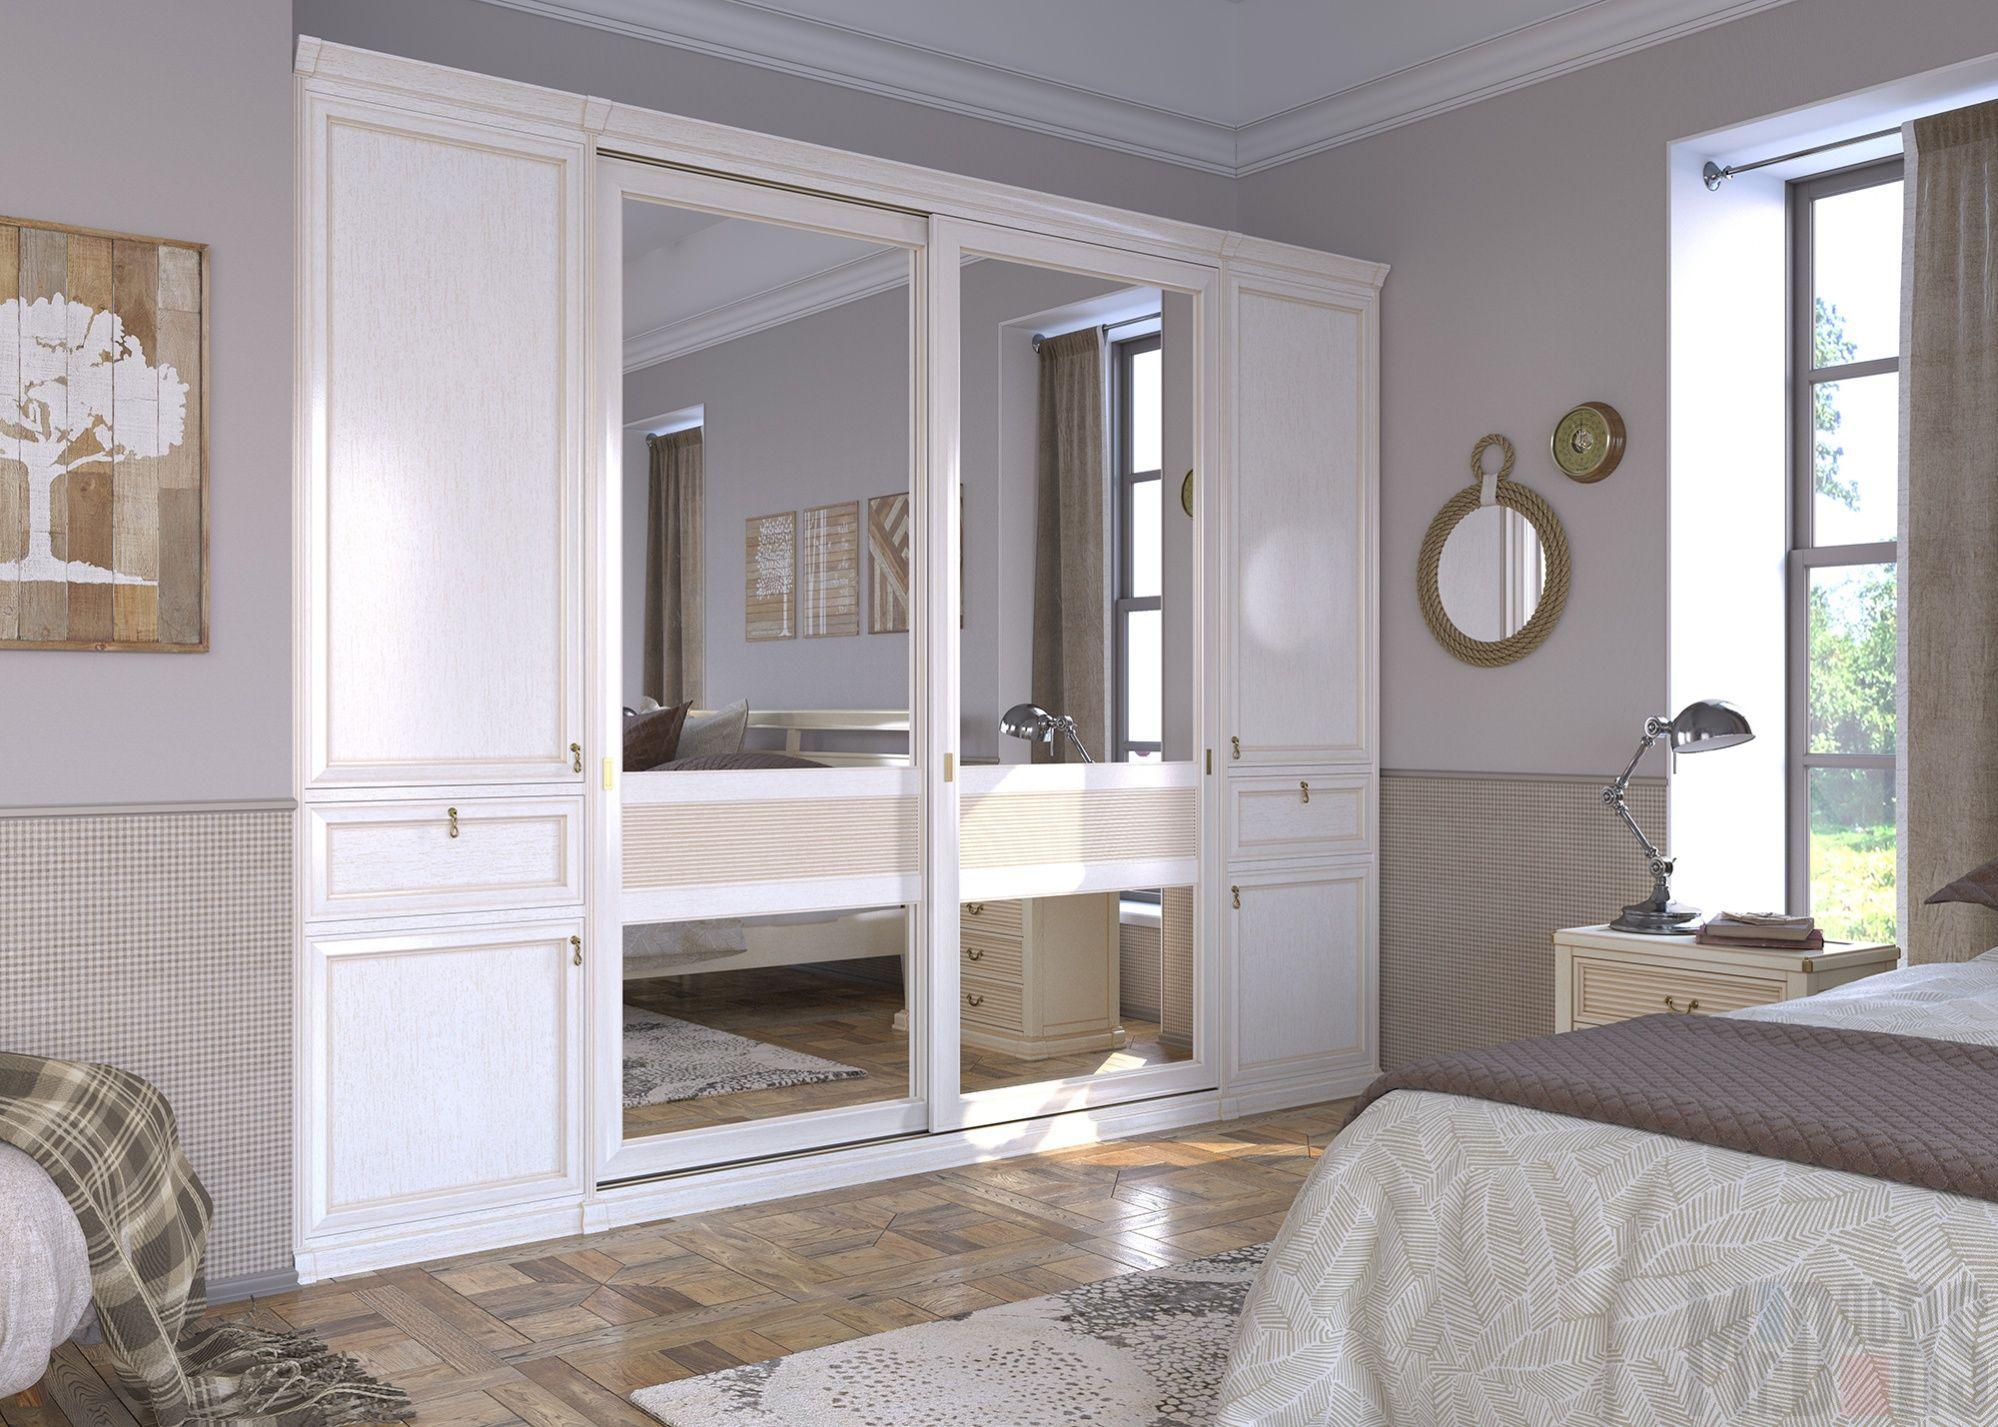 Bedroom interior design with almirah Классическая спальня для романтичных натур  Интерьеры mrdoors